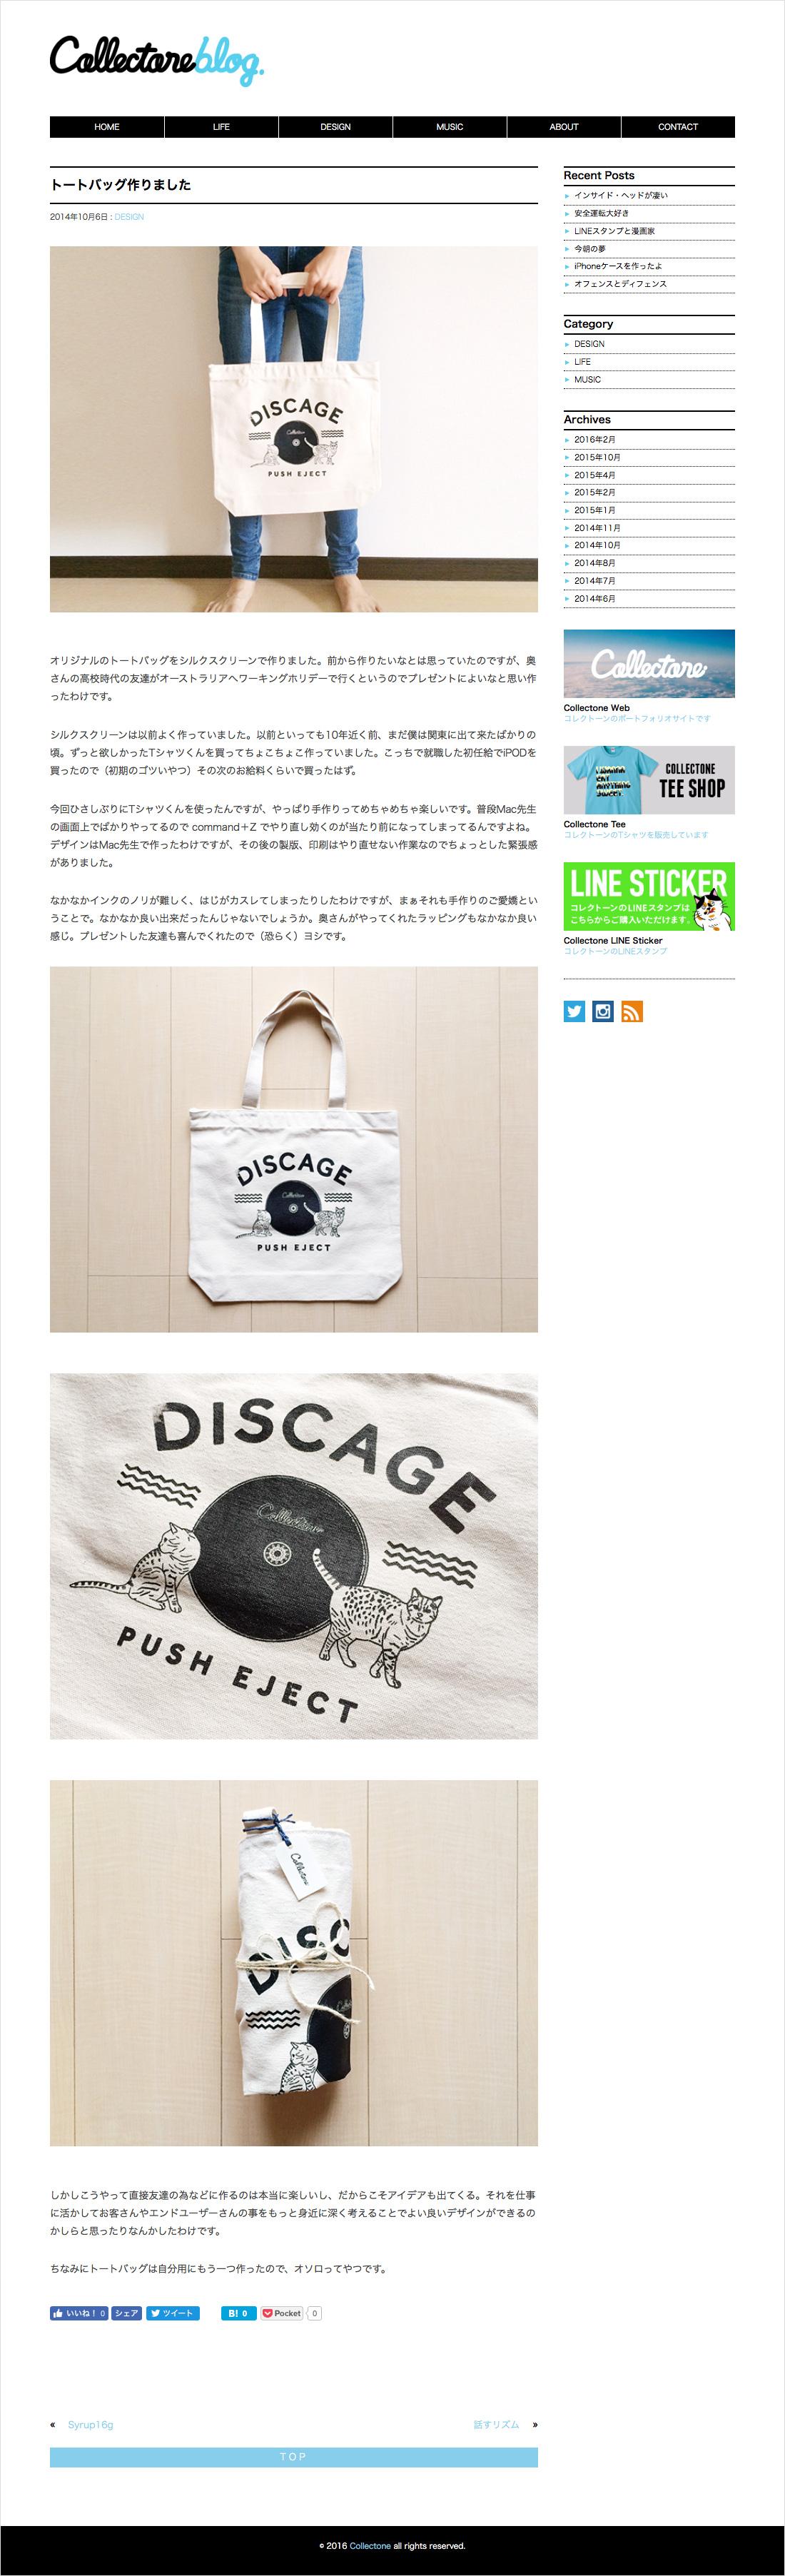 ブログサイトデザイン2